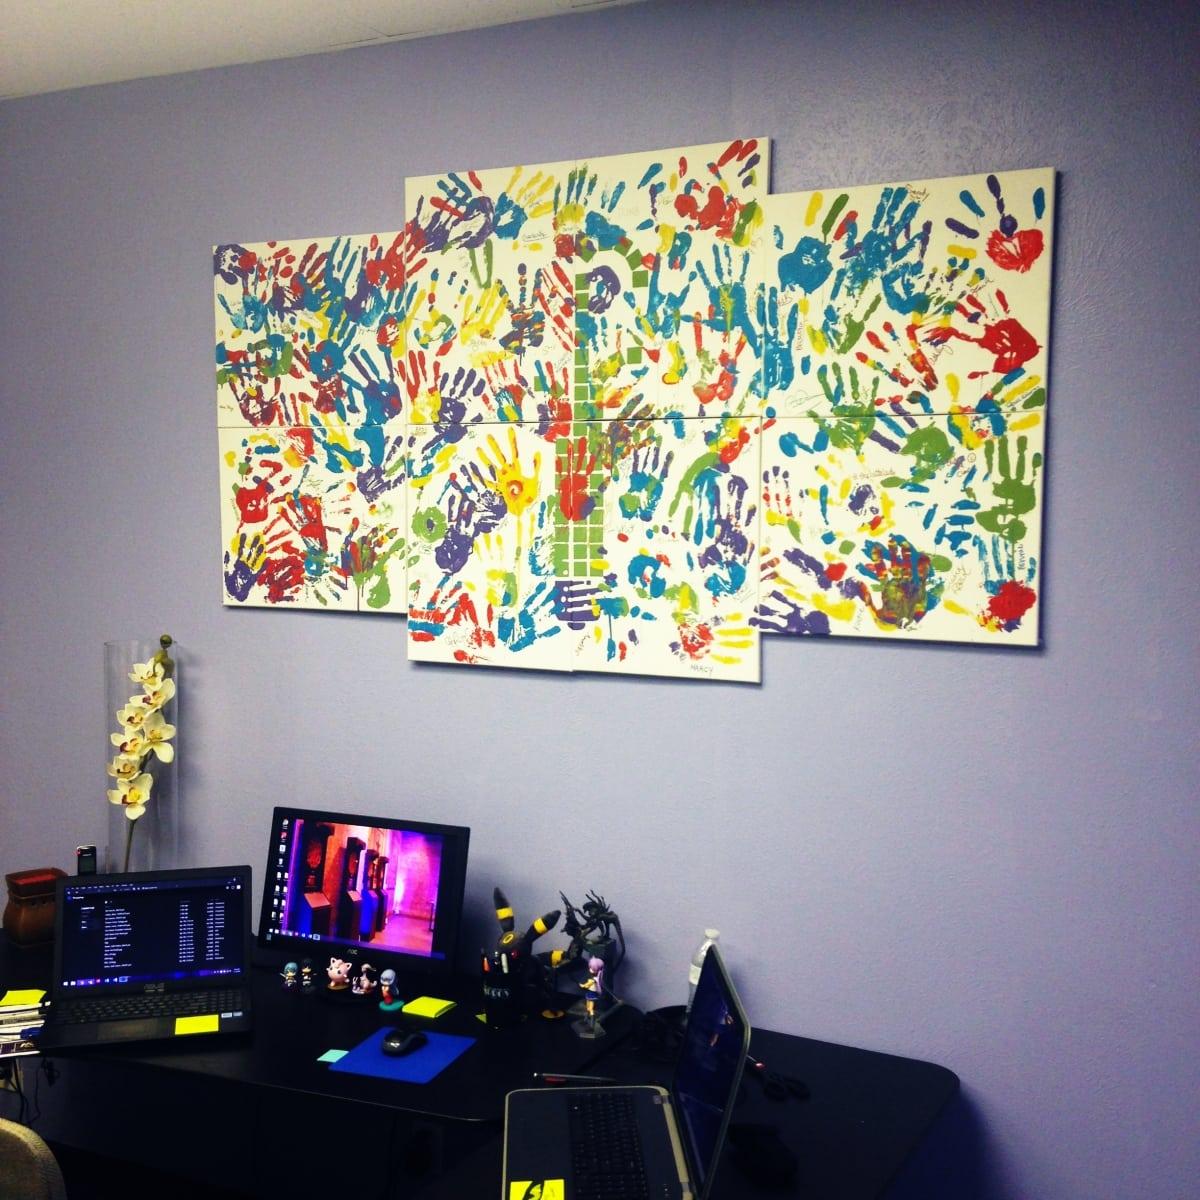 IdeaFountain LendAHand 02, painting above desk